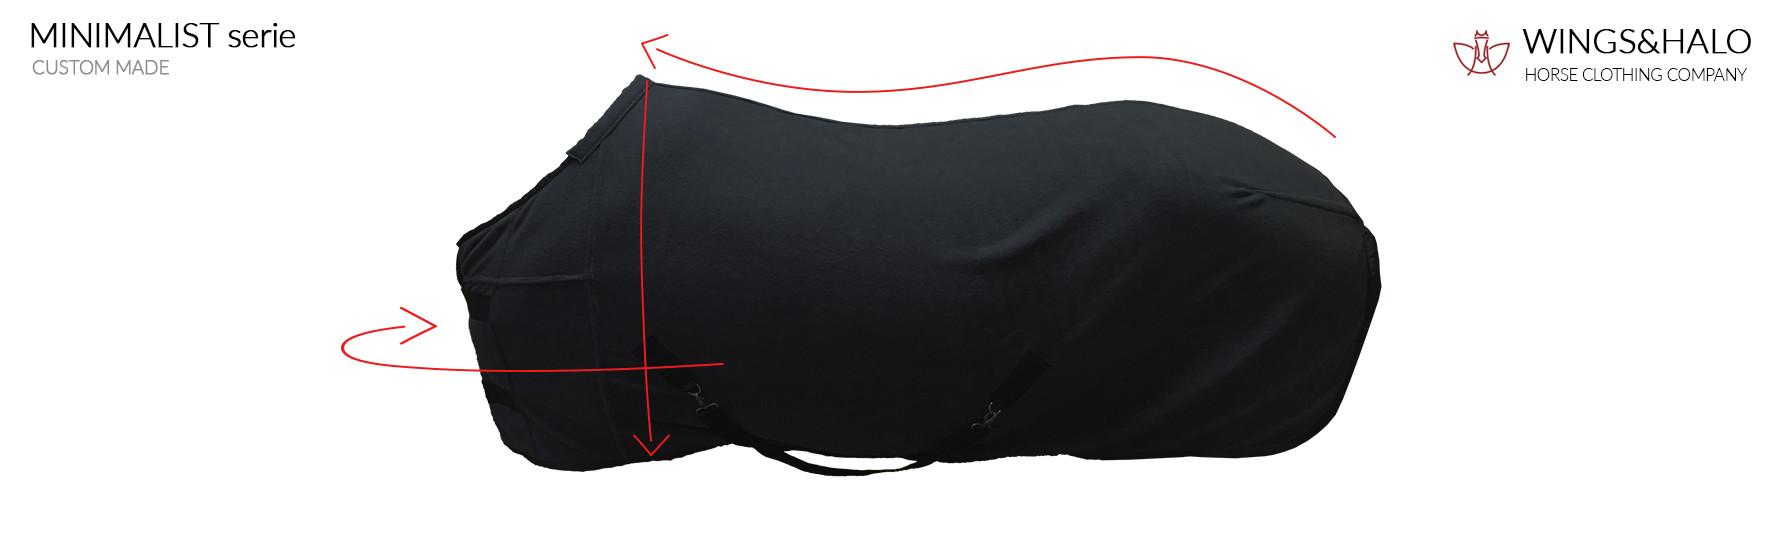 Measrement cooler horse rug minimalist